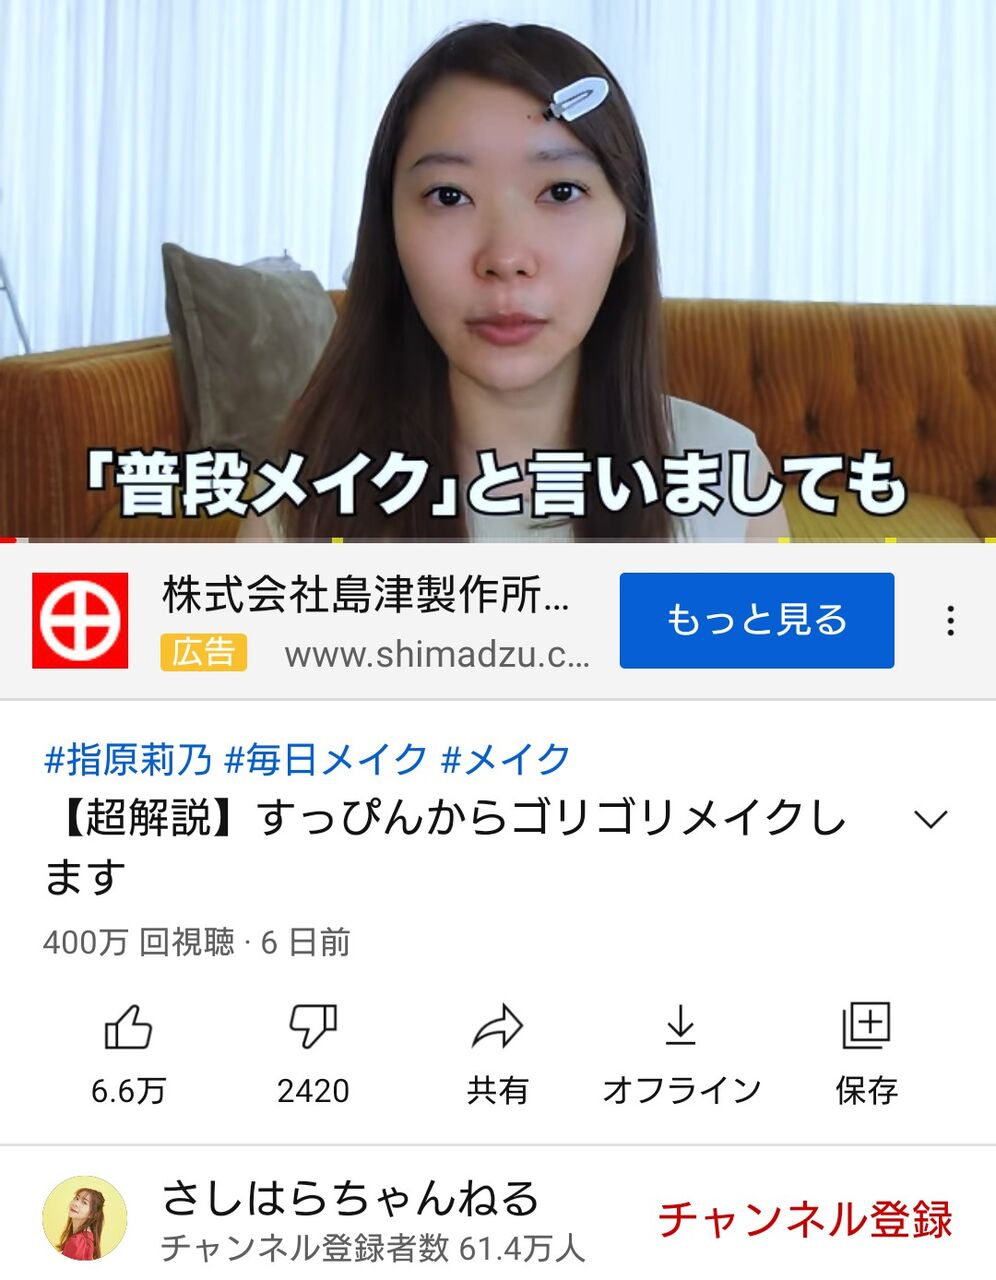 【速報】指原莉乃、最新動画の再生数が遂に400万回超え! チャンネル登録者数も60万人突破! YouTube挑戦は大成功!